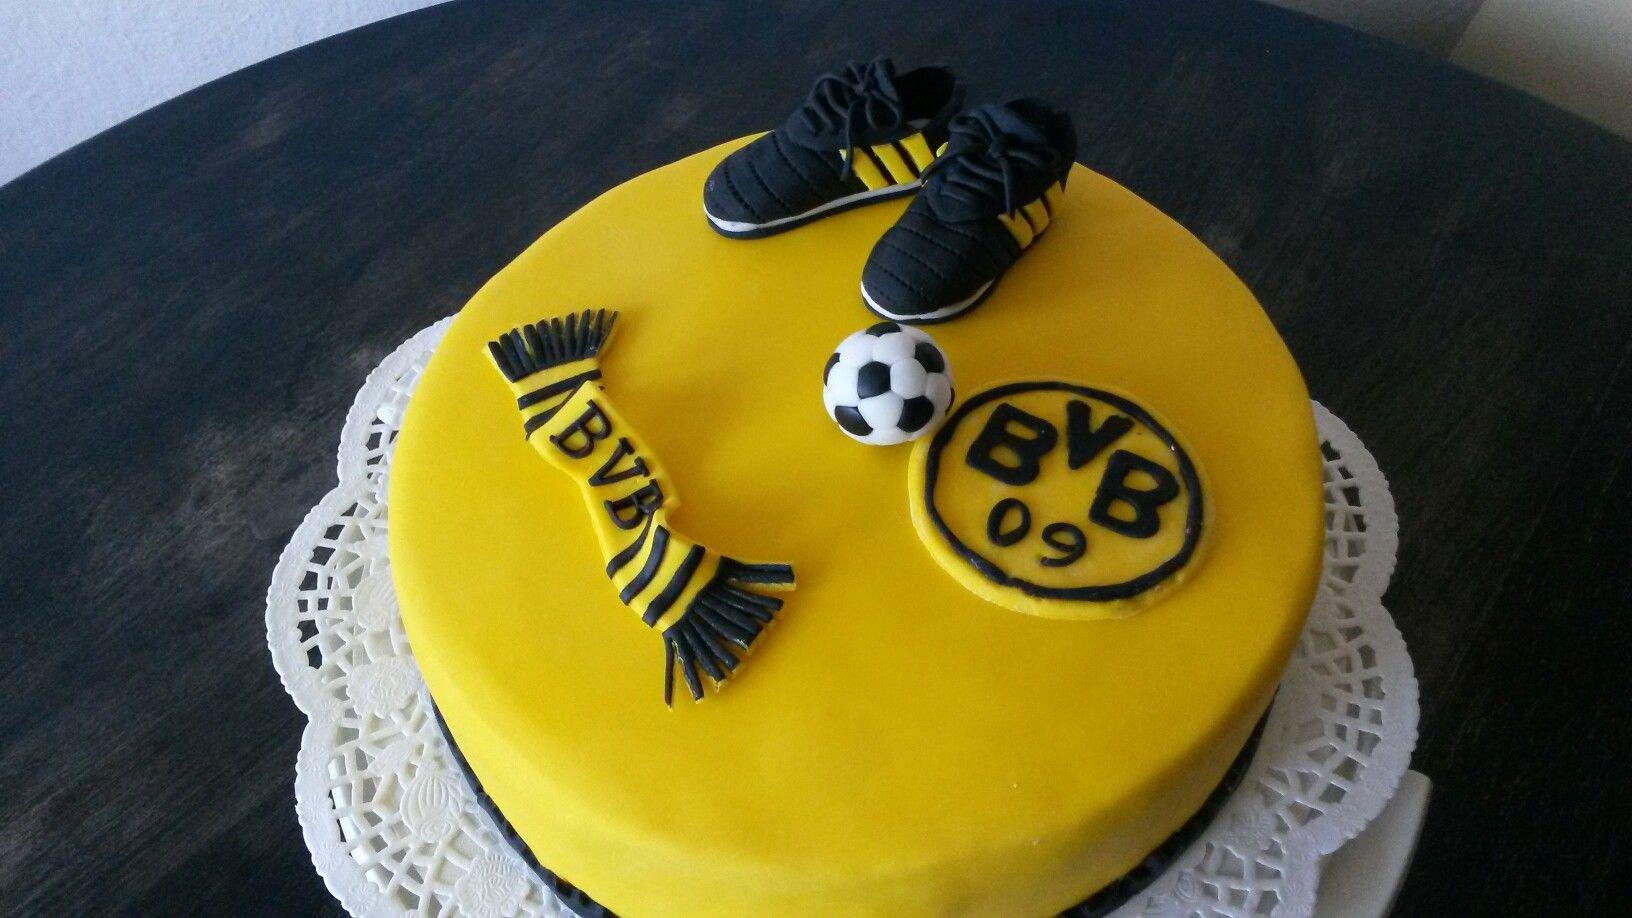 BVB 09 Torte Dortmund Fuball Schuhe Fanschal  My Cakes